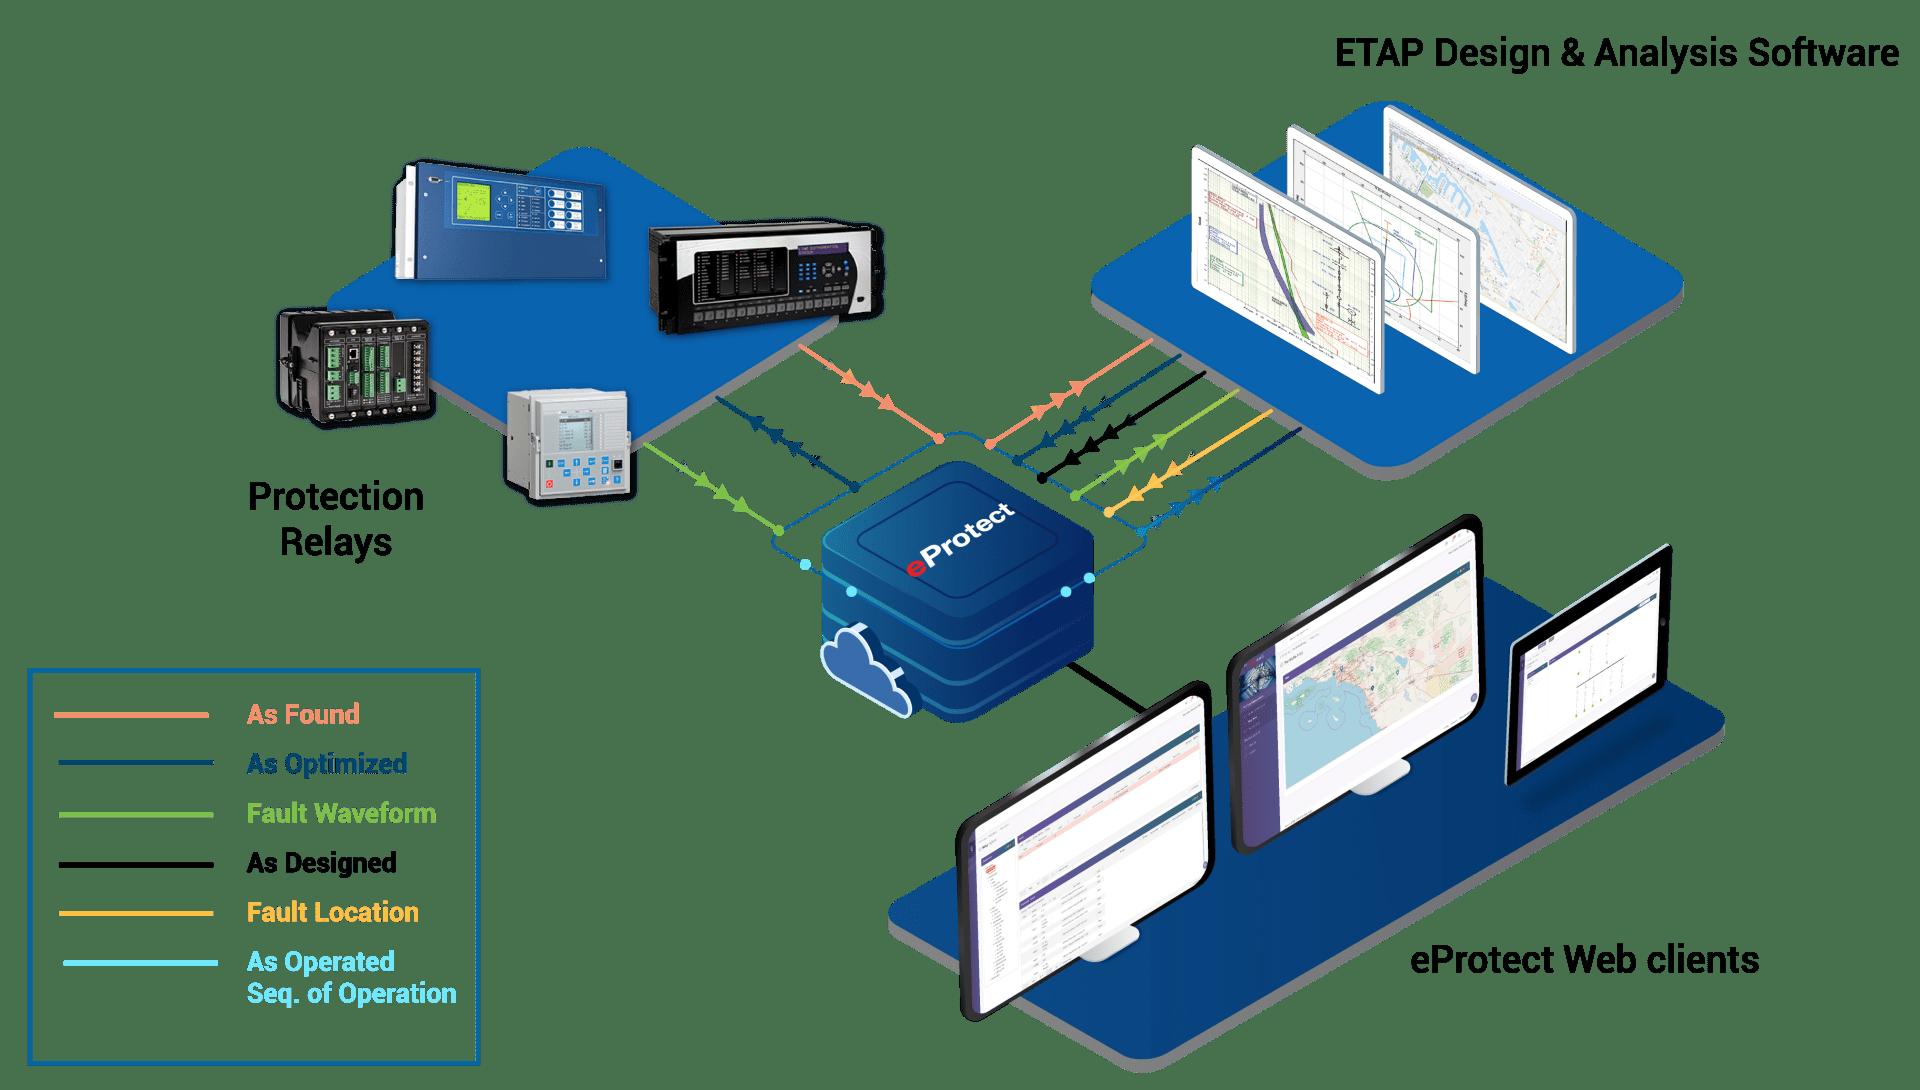 Protection Asset Management, ETAP